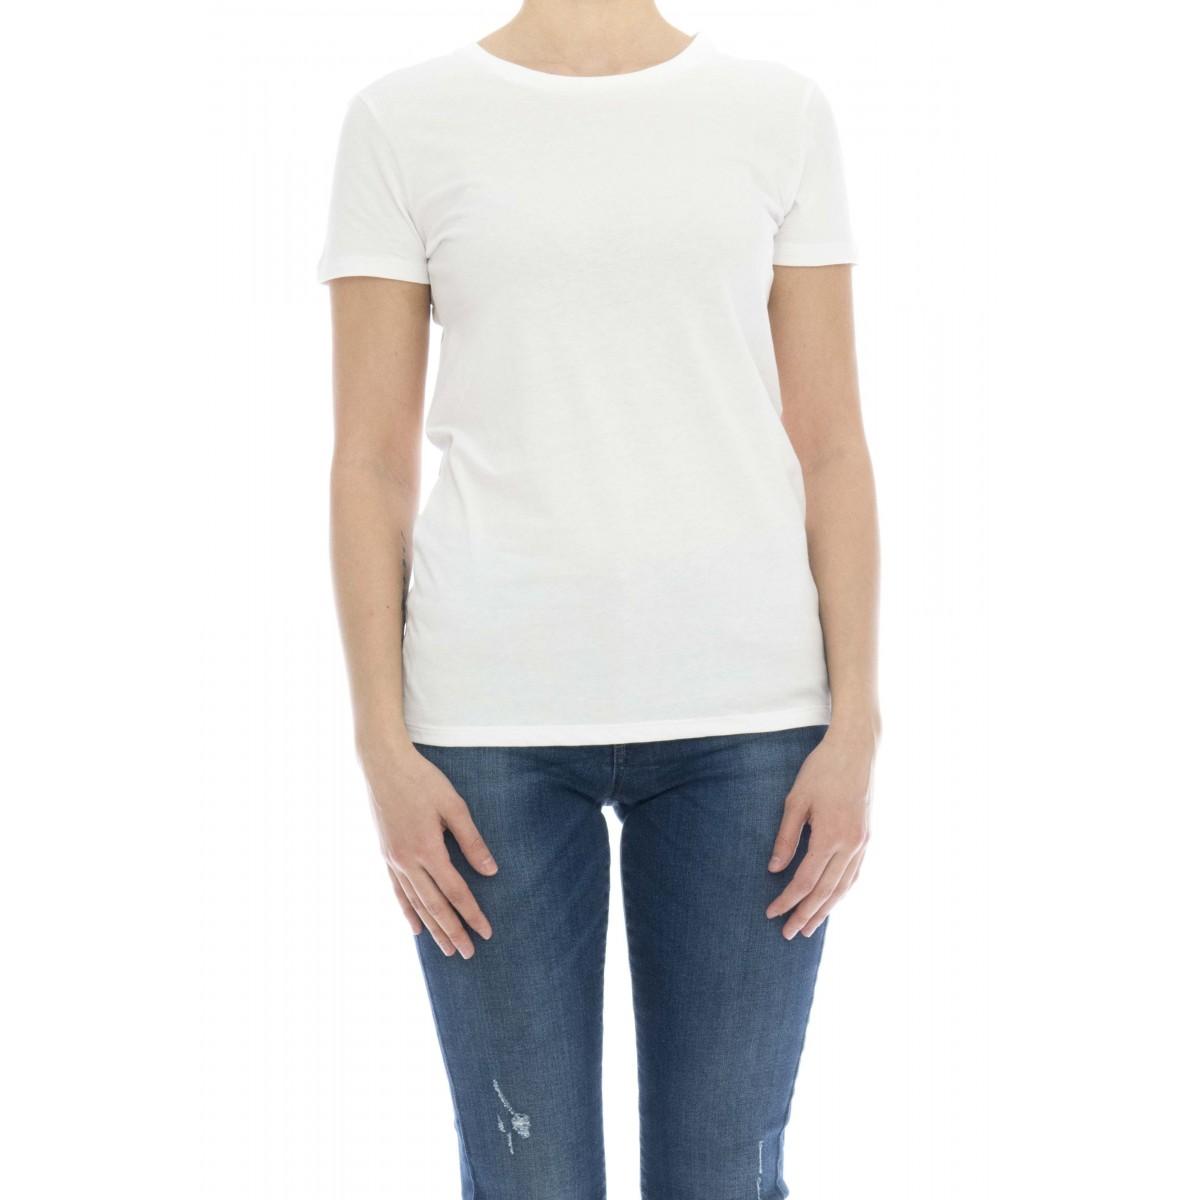 T-shirt donna - J007 fts018 t-shirt cotone